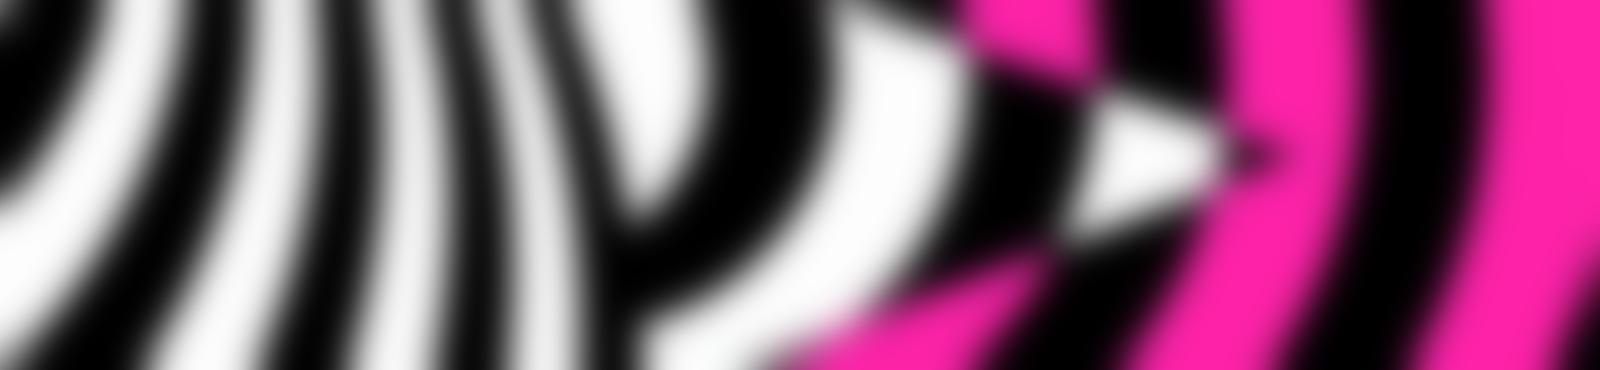 Blurred ec1b8299 be56 43f6 aa2f 2c37c19858ae